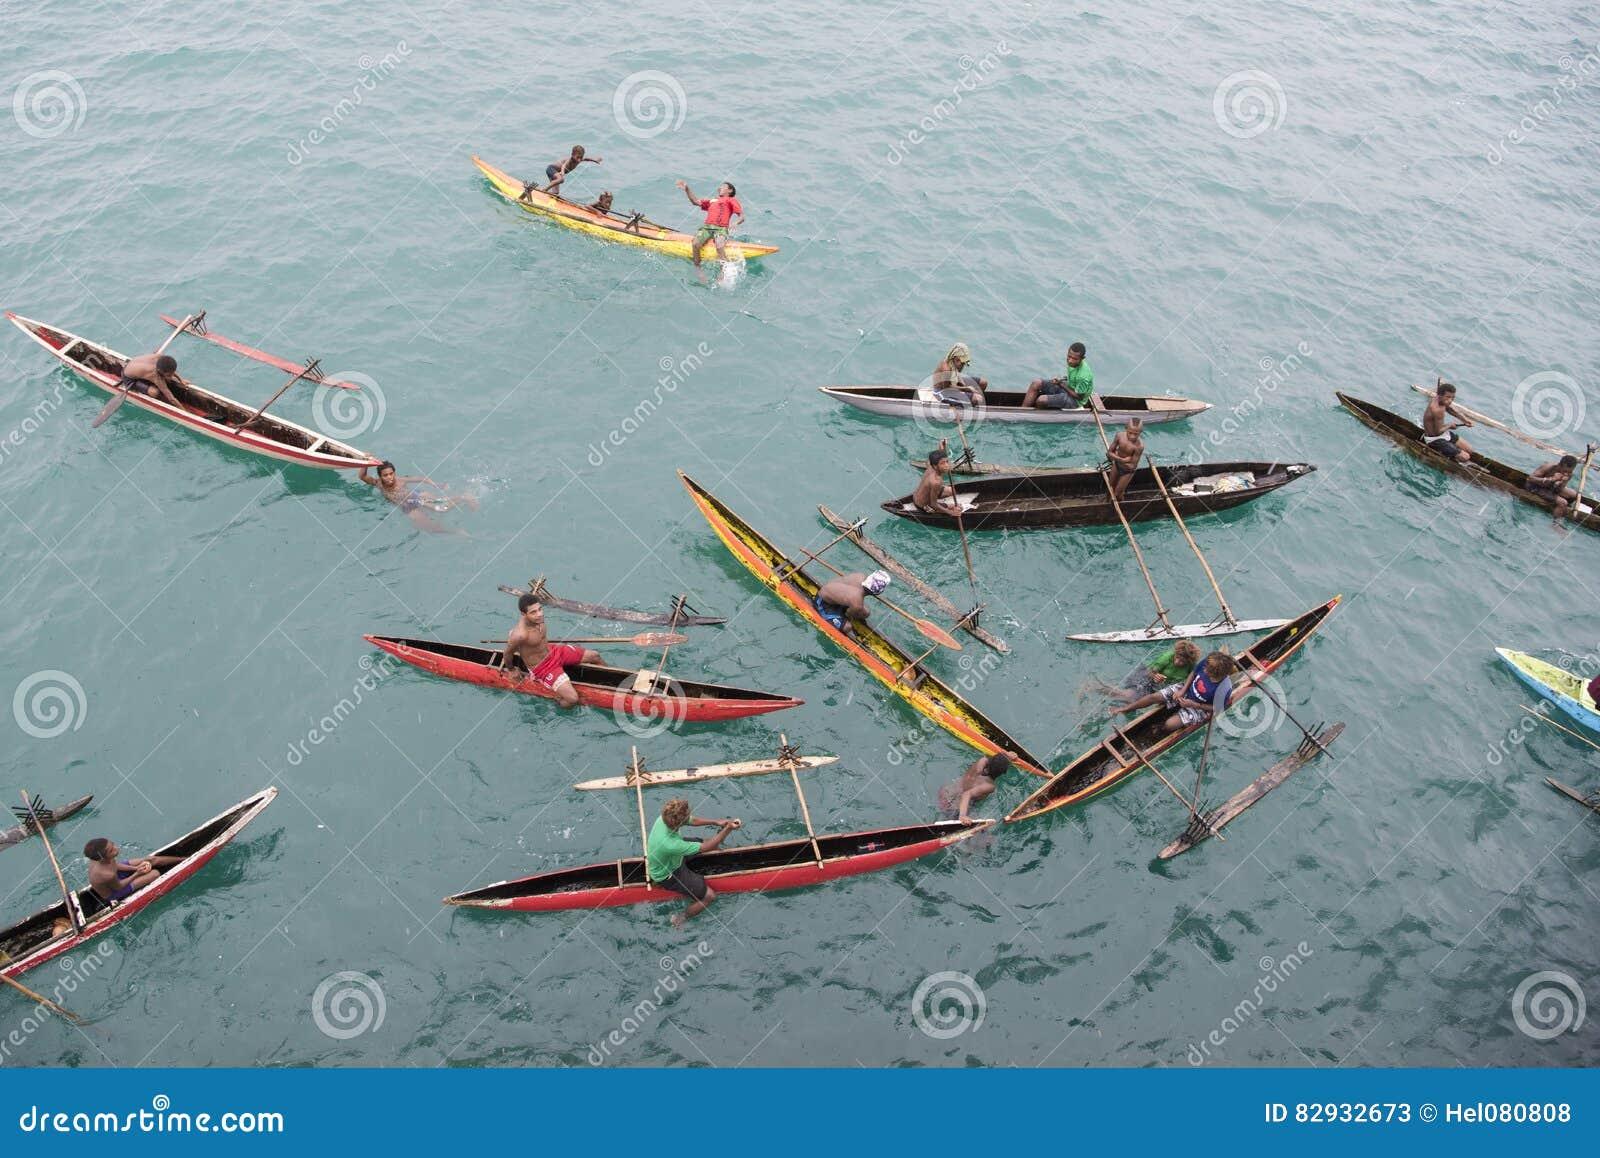 Folk som tycker om regn i kanoter på Stilla havet